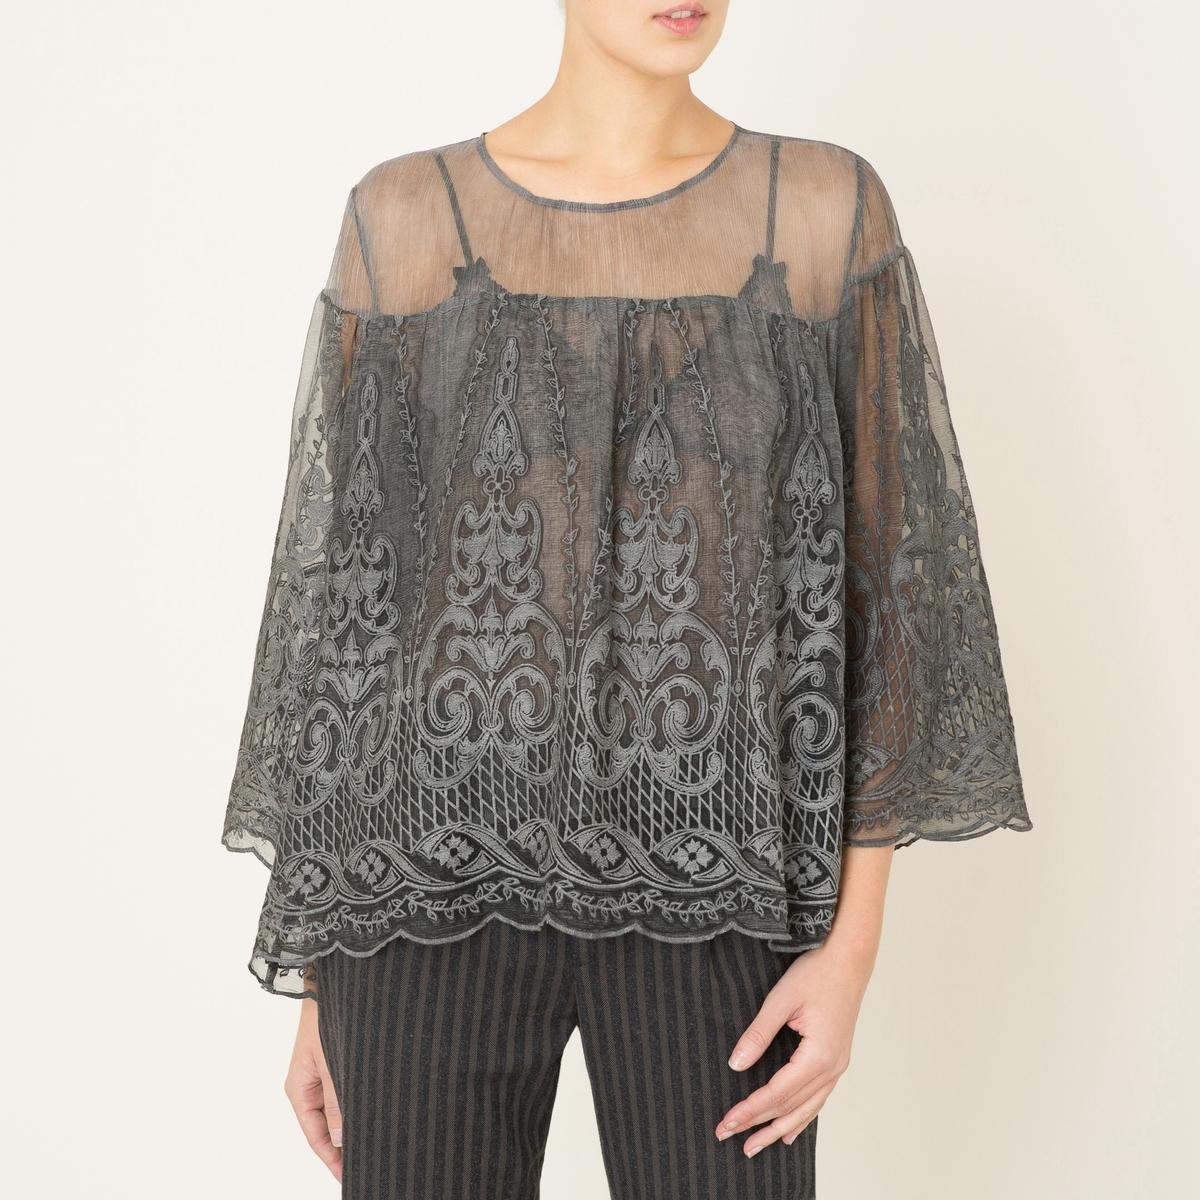 Блузка ORINDAБлузка VALERIE KHALFON, модель ORINDA. Круглый вырез. Длинные рукава. Вышивка и прозрачный эффект. Вырез-капля сзади. Объемный покрой.Состав &amp; Детали Материал : 100% шелкМарка : VALERIE KHALFON<br><br>Цвет: серый